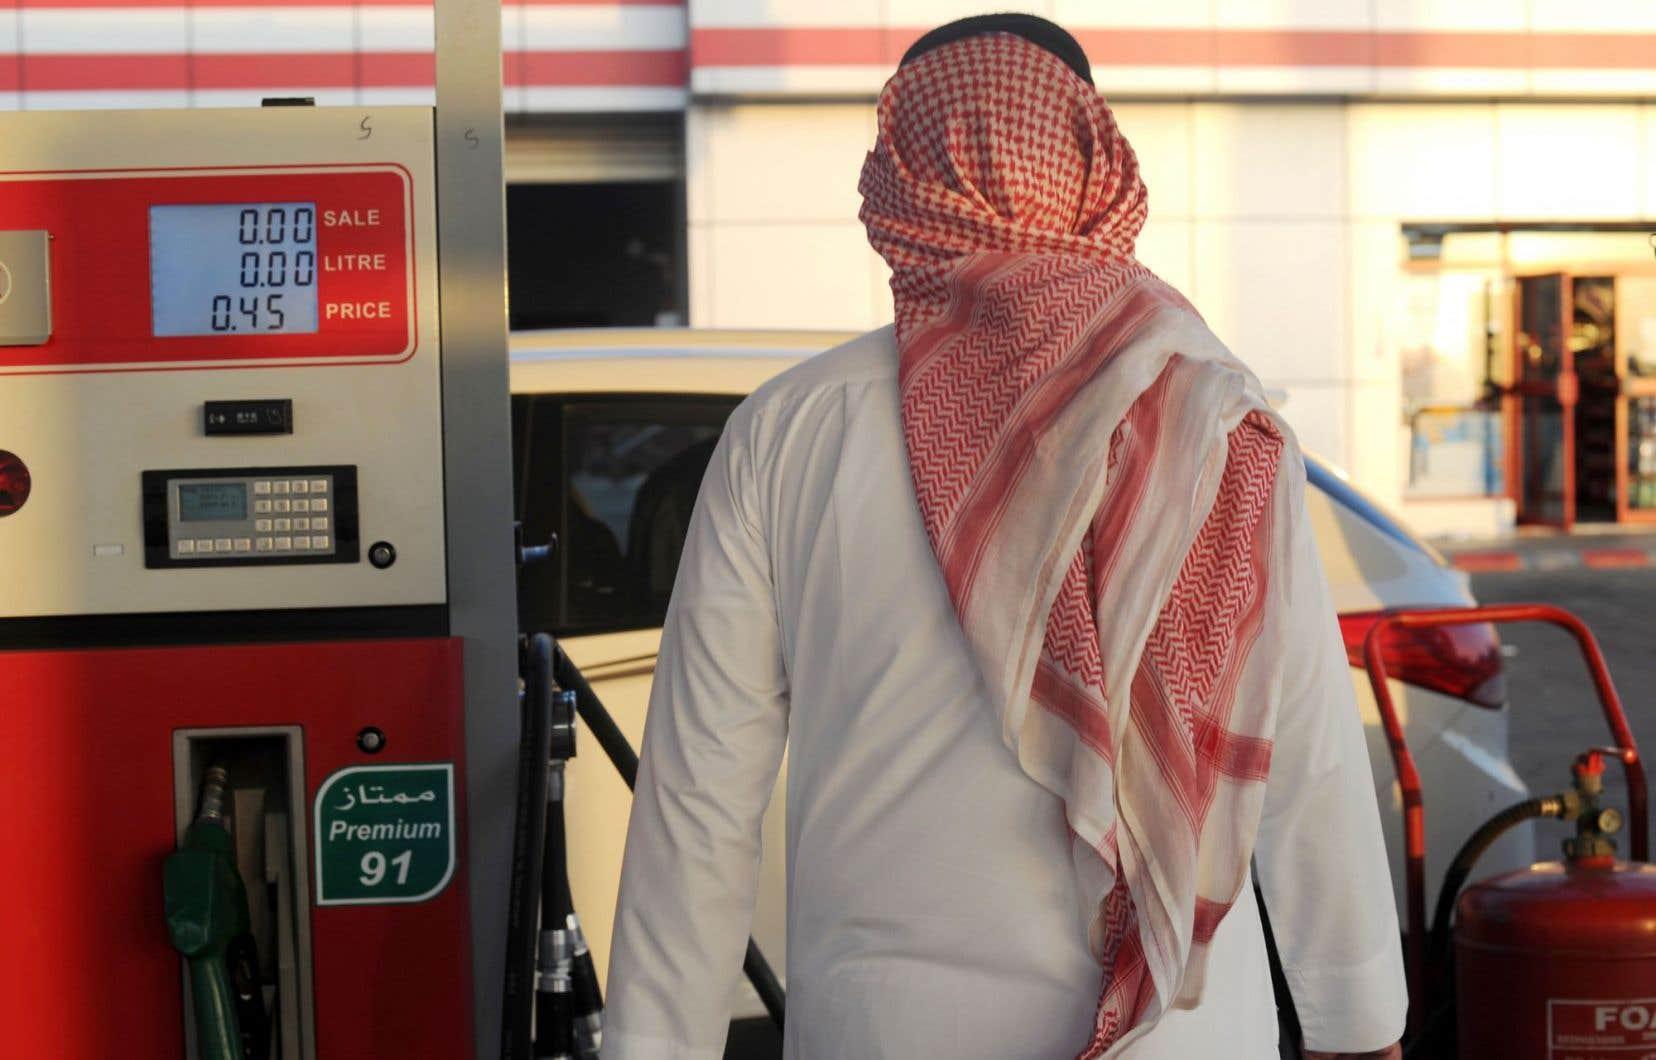 L'OPEP, dont l'Arabie saoudite est le chef de file, s'est retrouvée lundi à Saint-Pétersbourg pour faire le point sur l'accord de novembre prévoyant des baisses de production pour enrayer l'effondrement des prix.